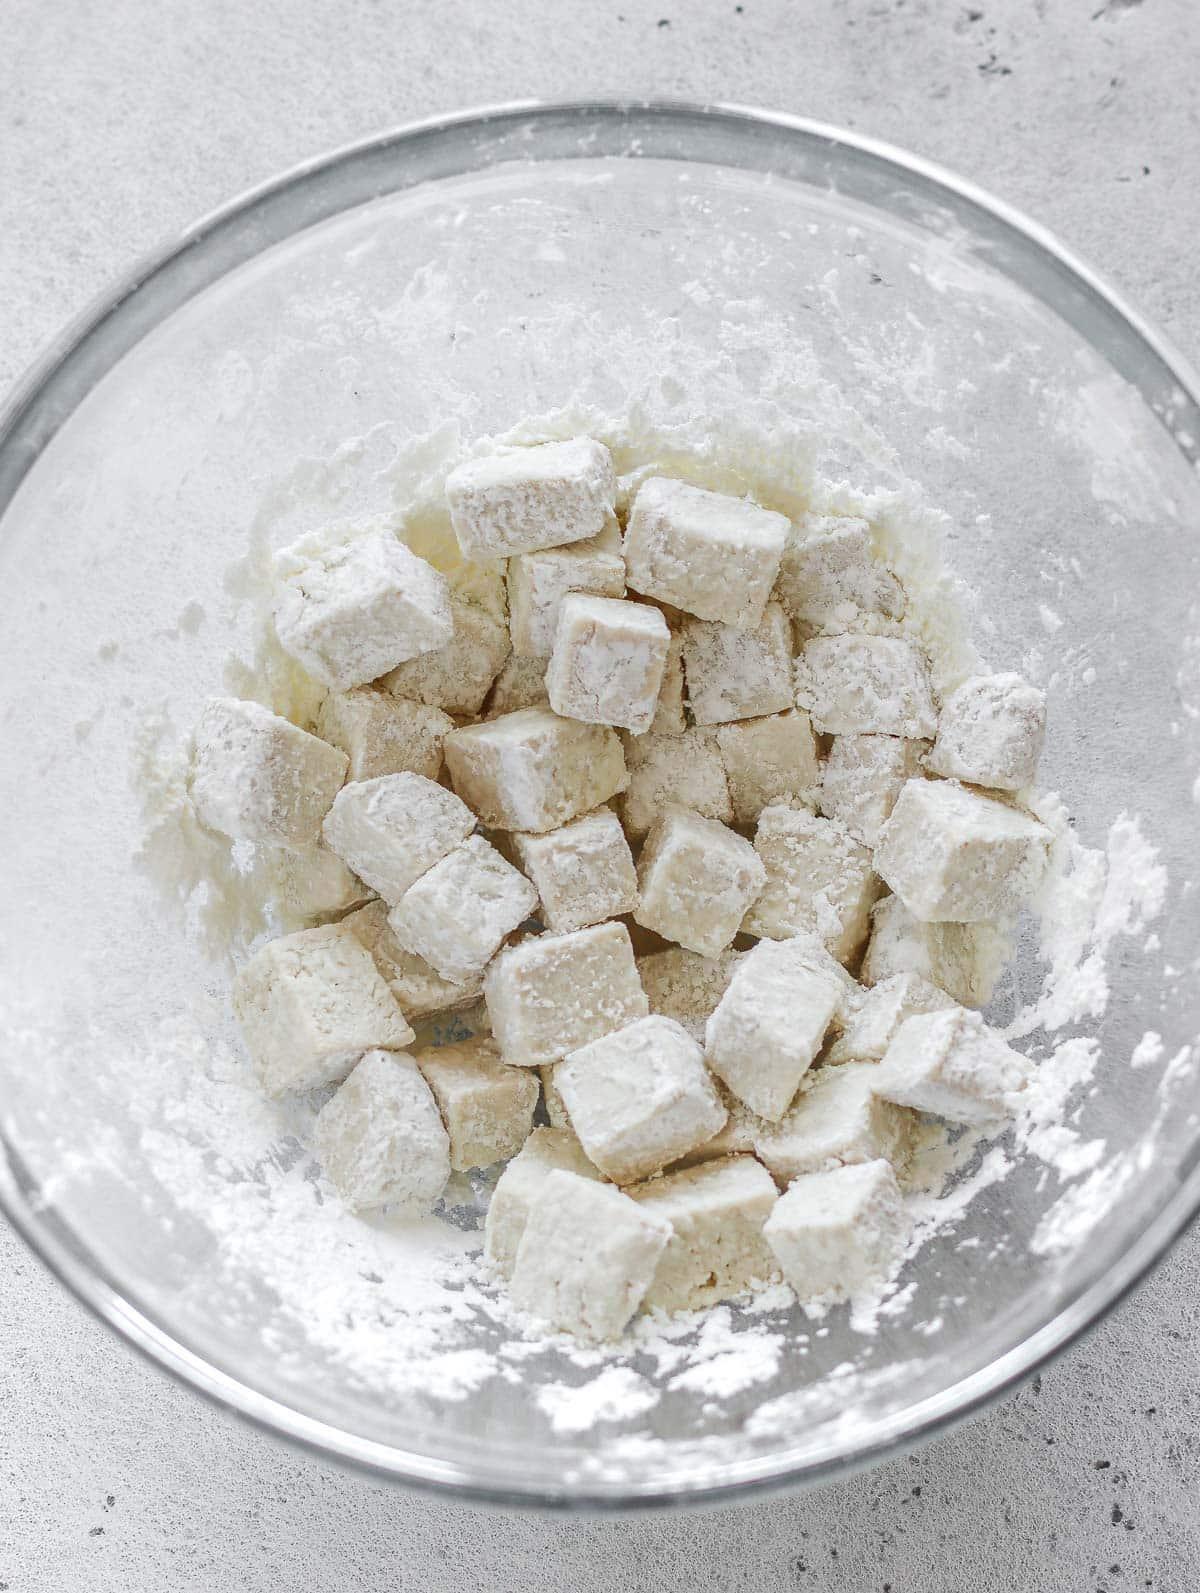 diced tofu in cornstarch